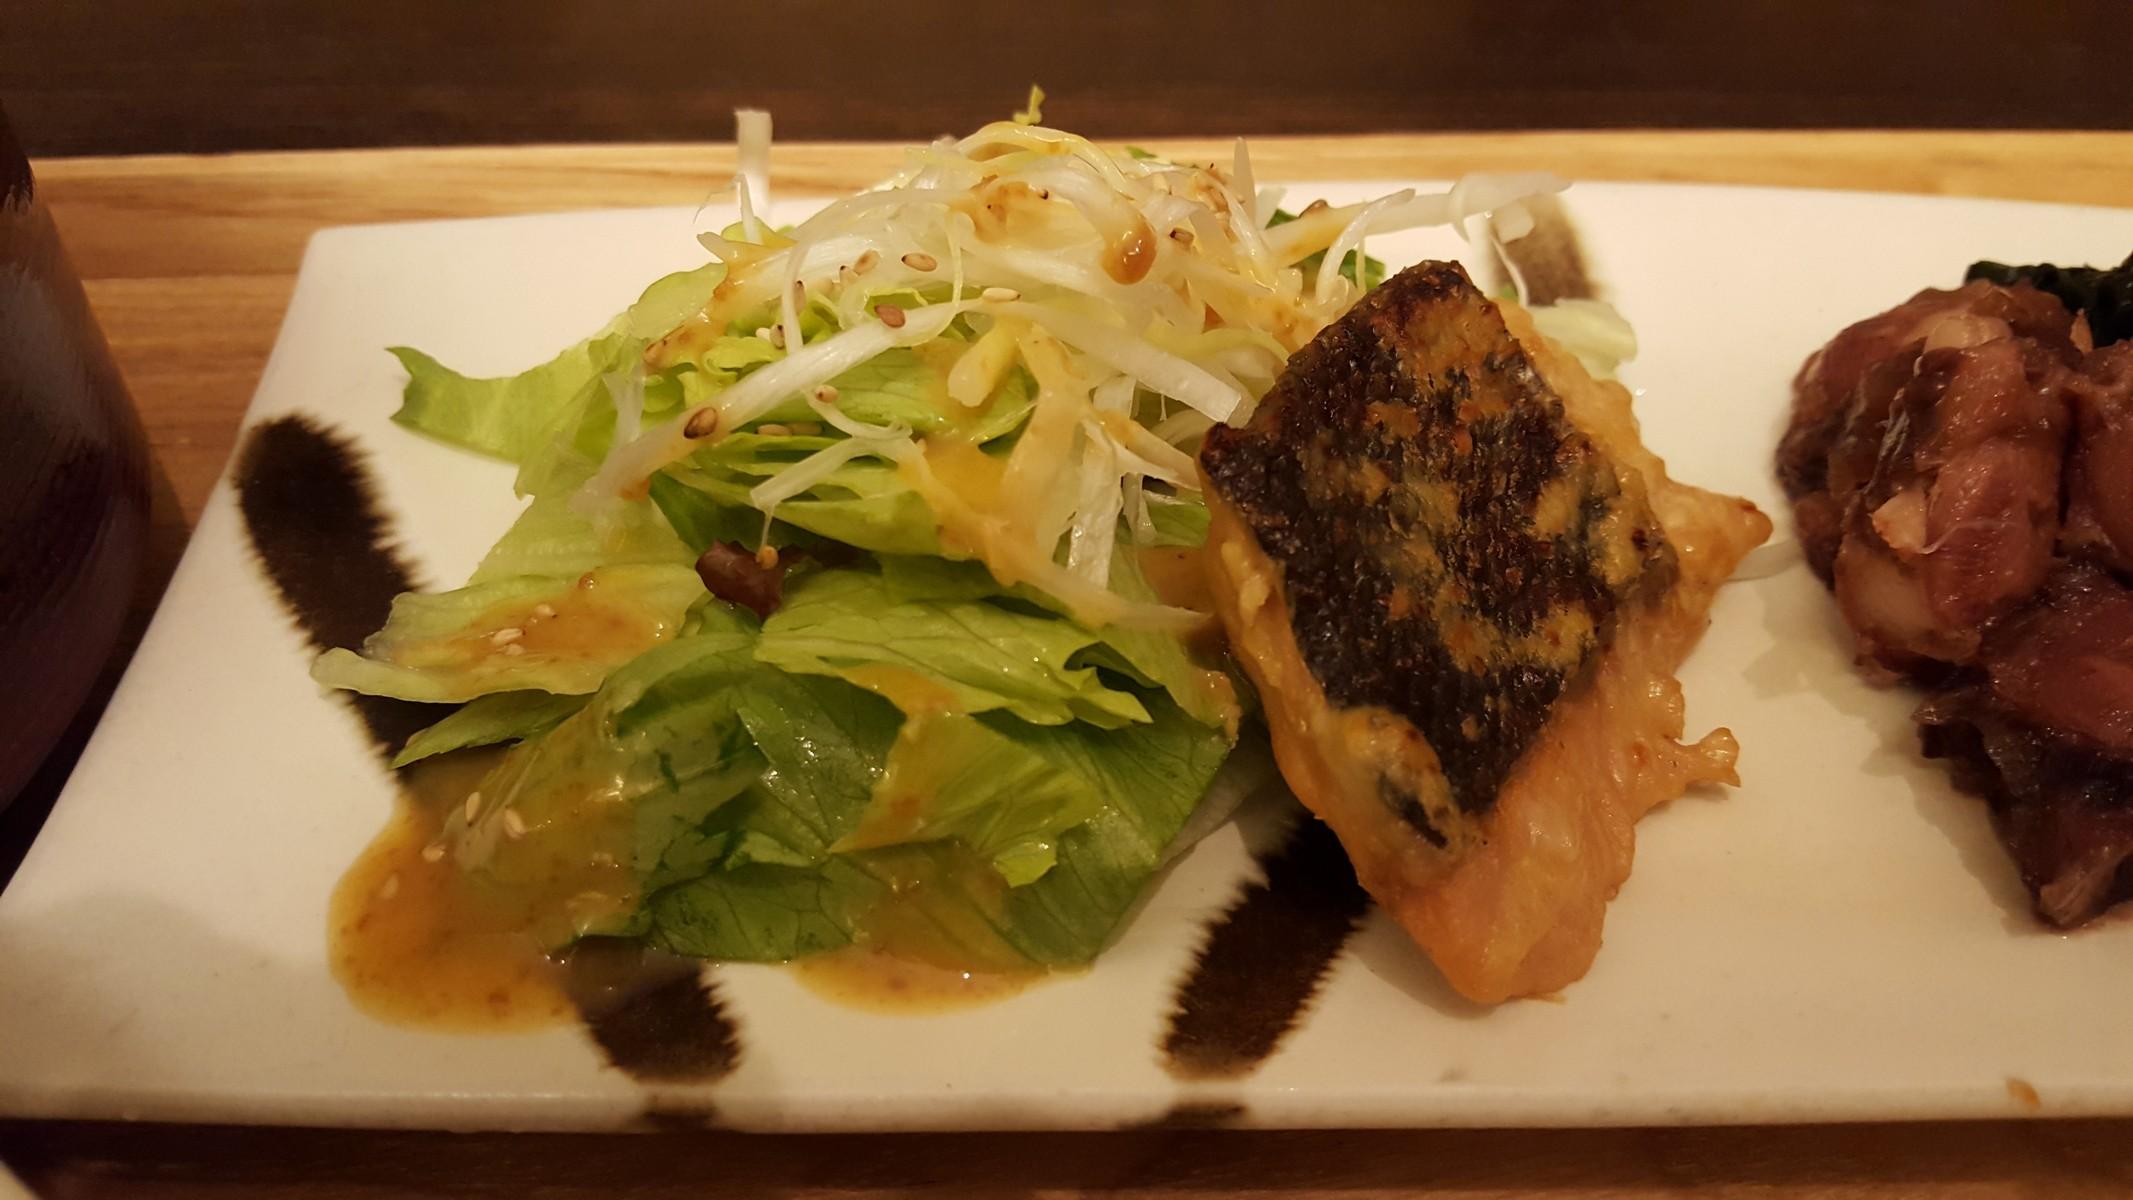 鮭の西京焼と煮物膳/西京焼き【ごはんcafe/日比谷】